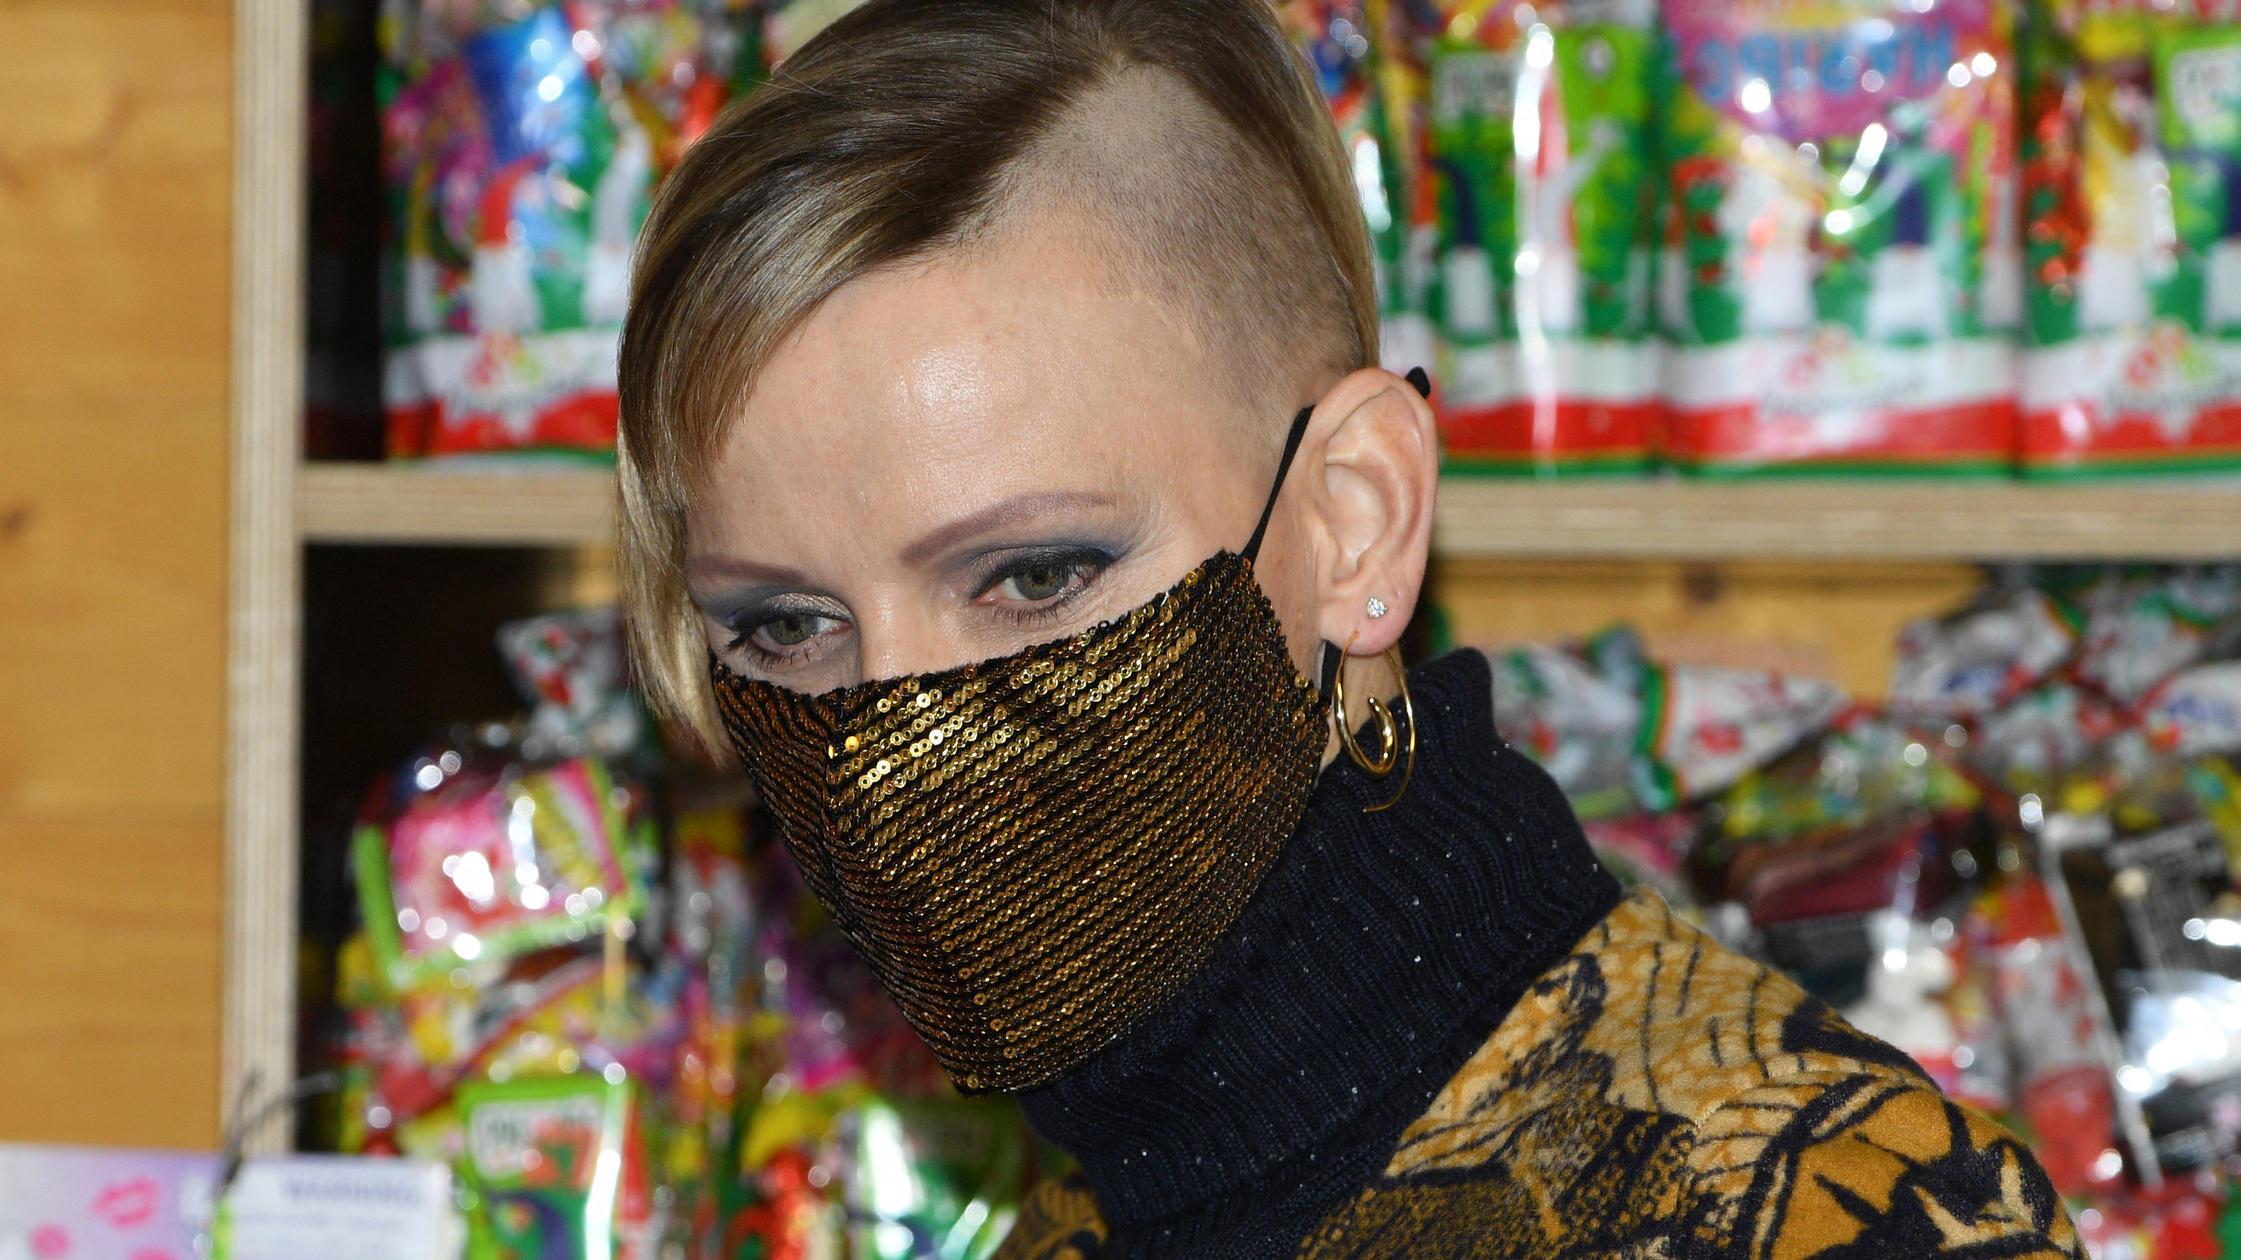 Charlene Neue Frisur